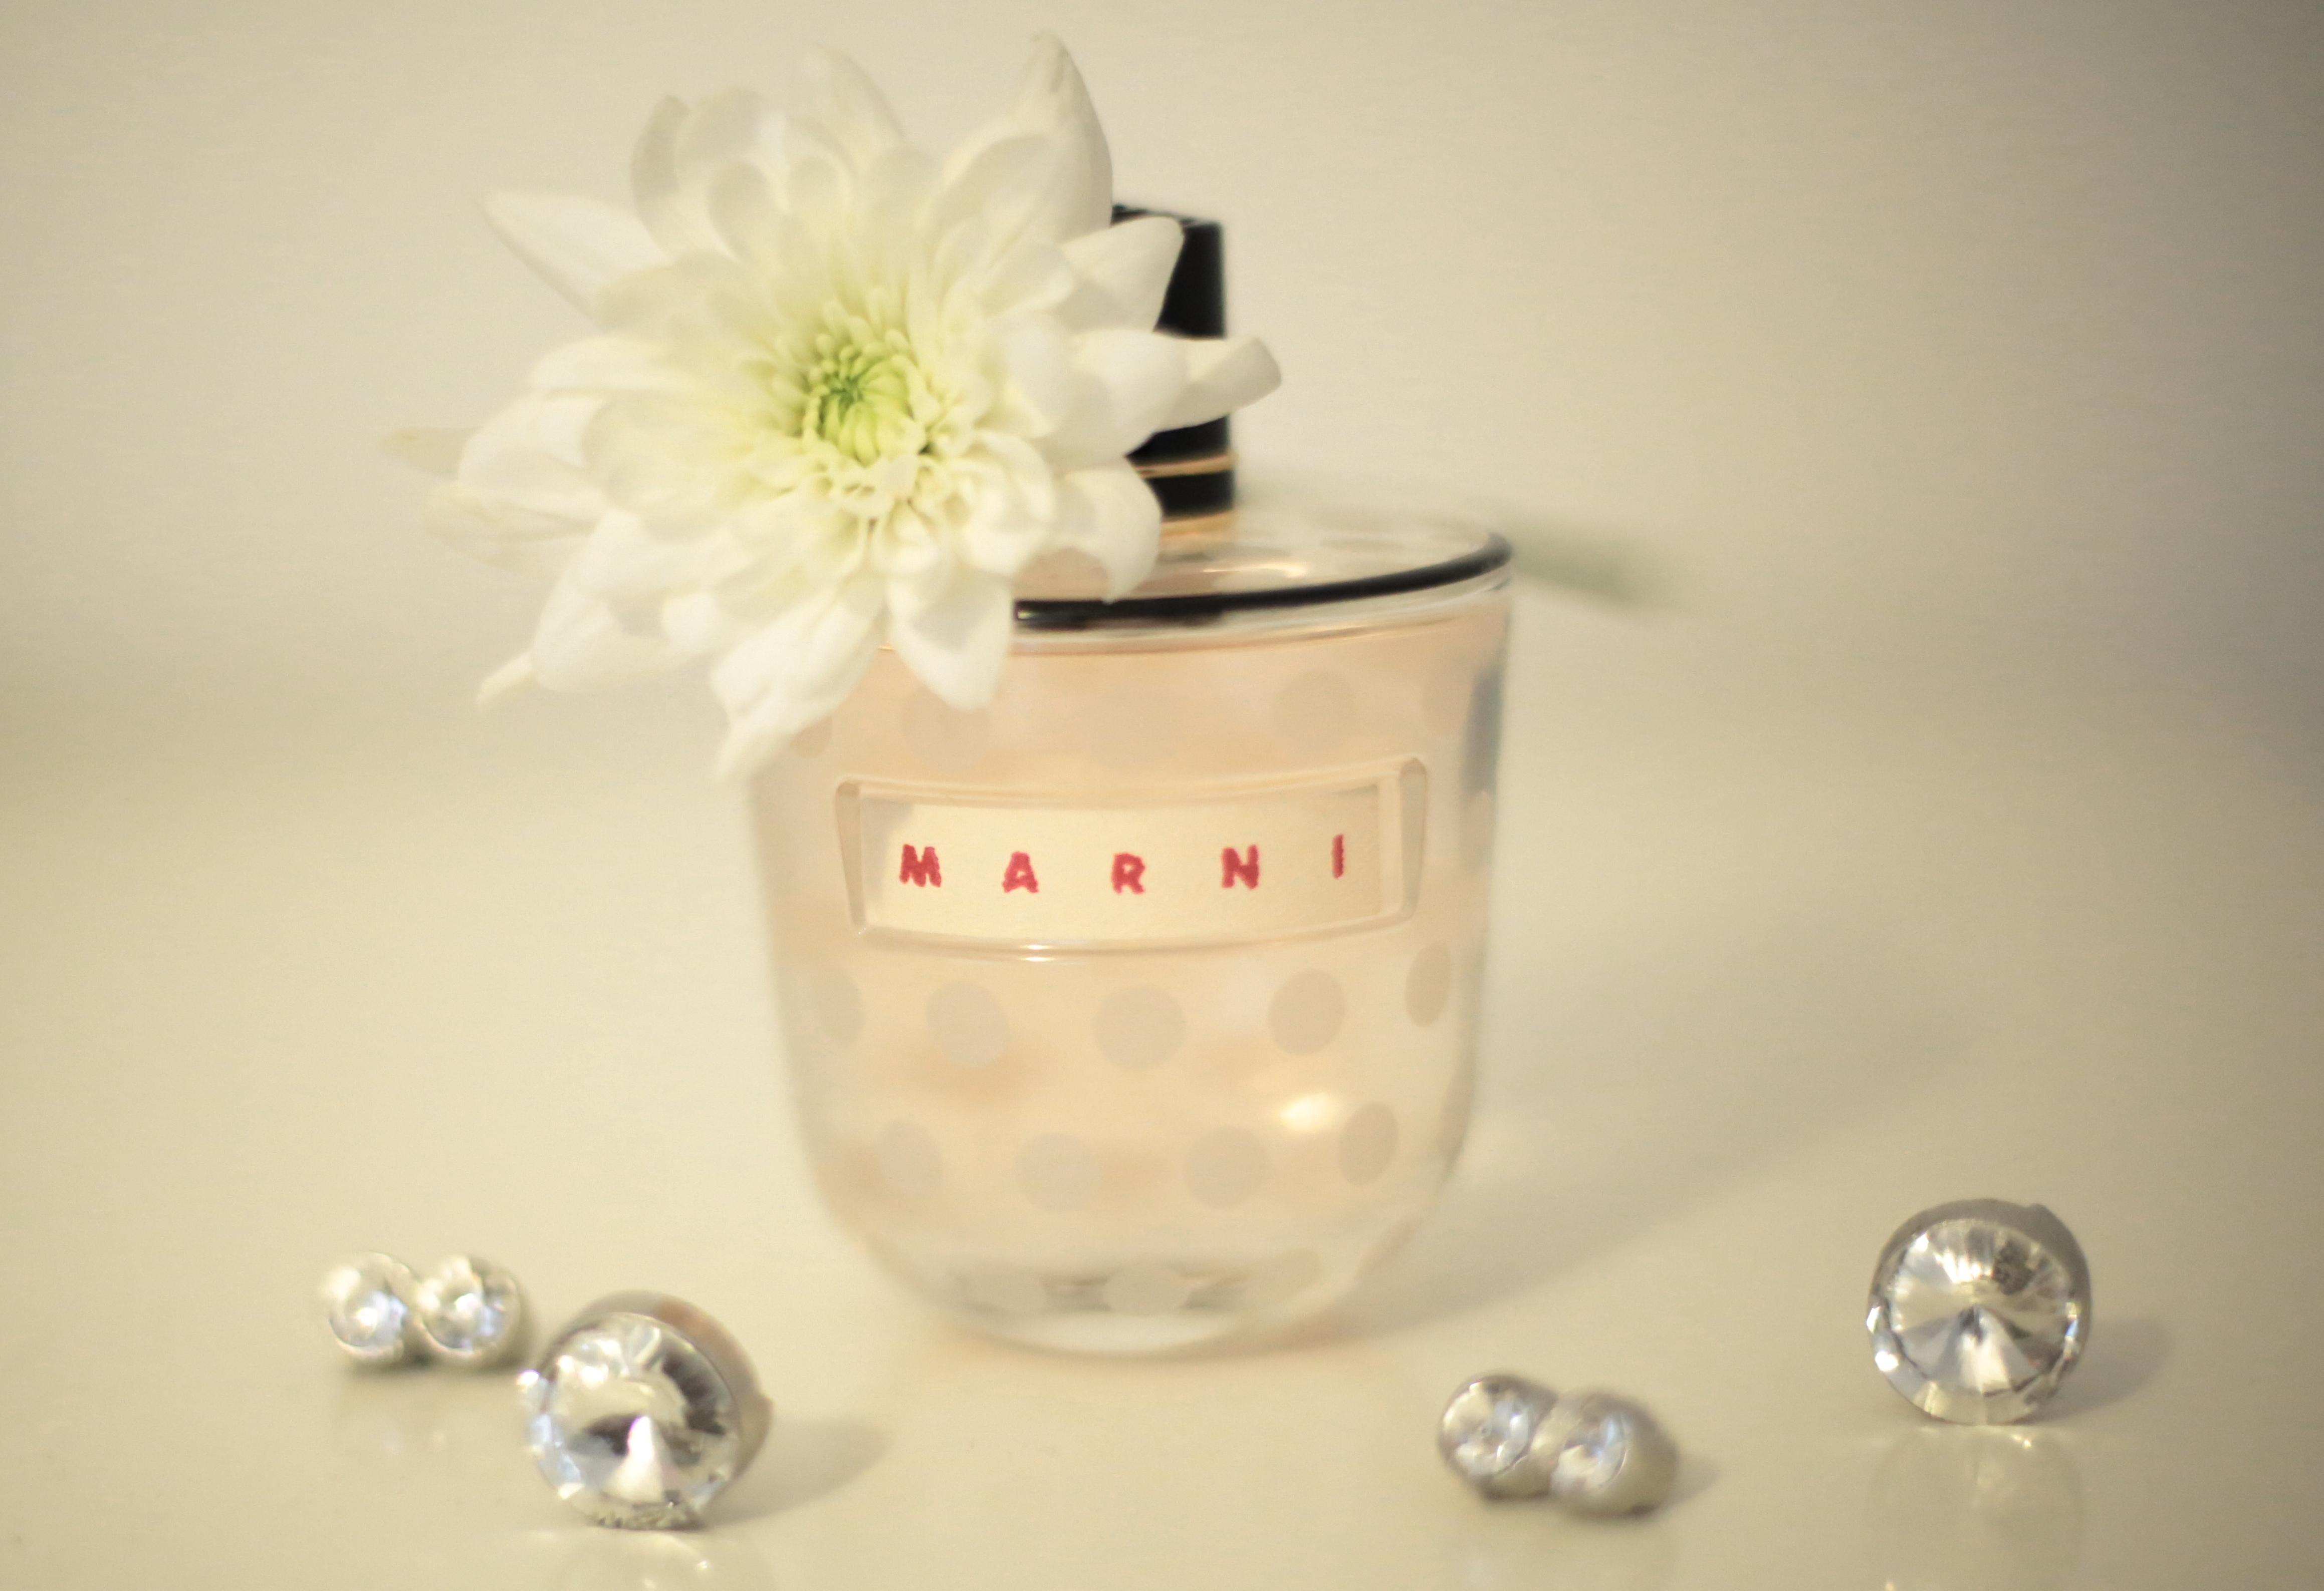 Marni Rose Review